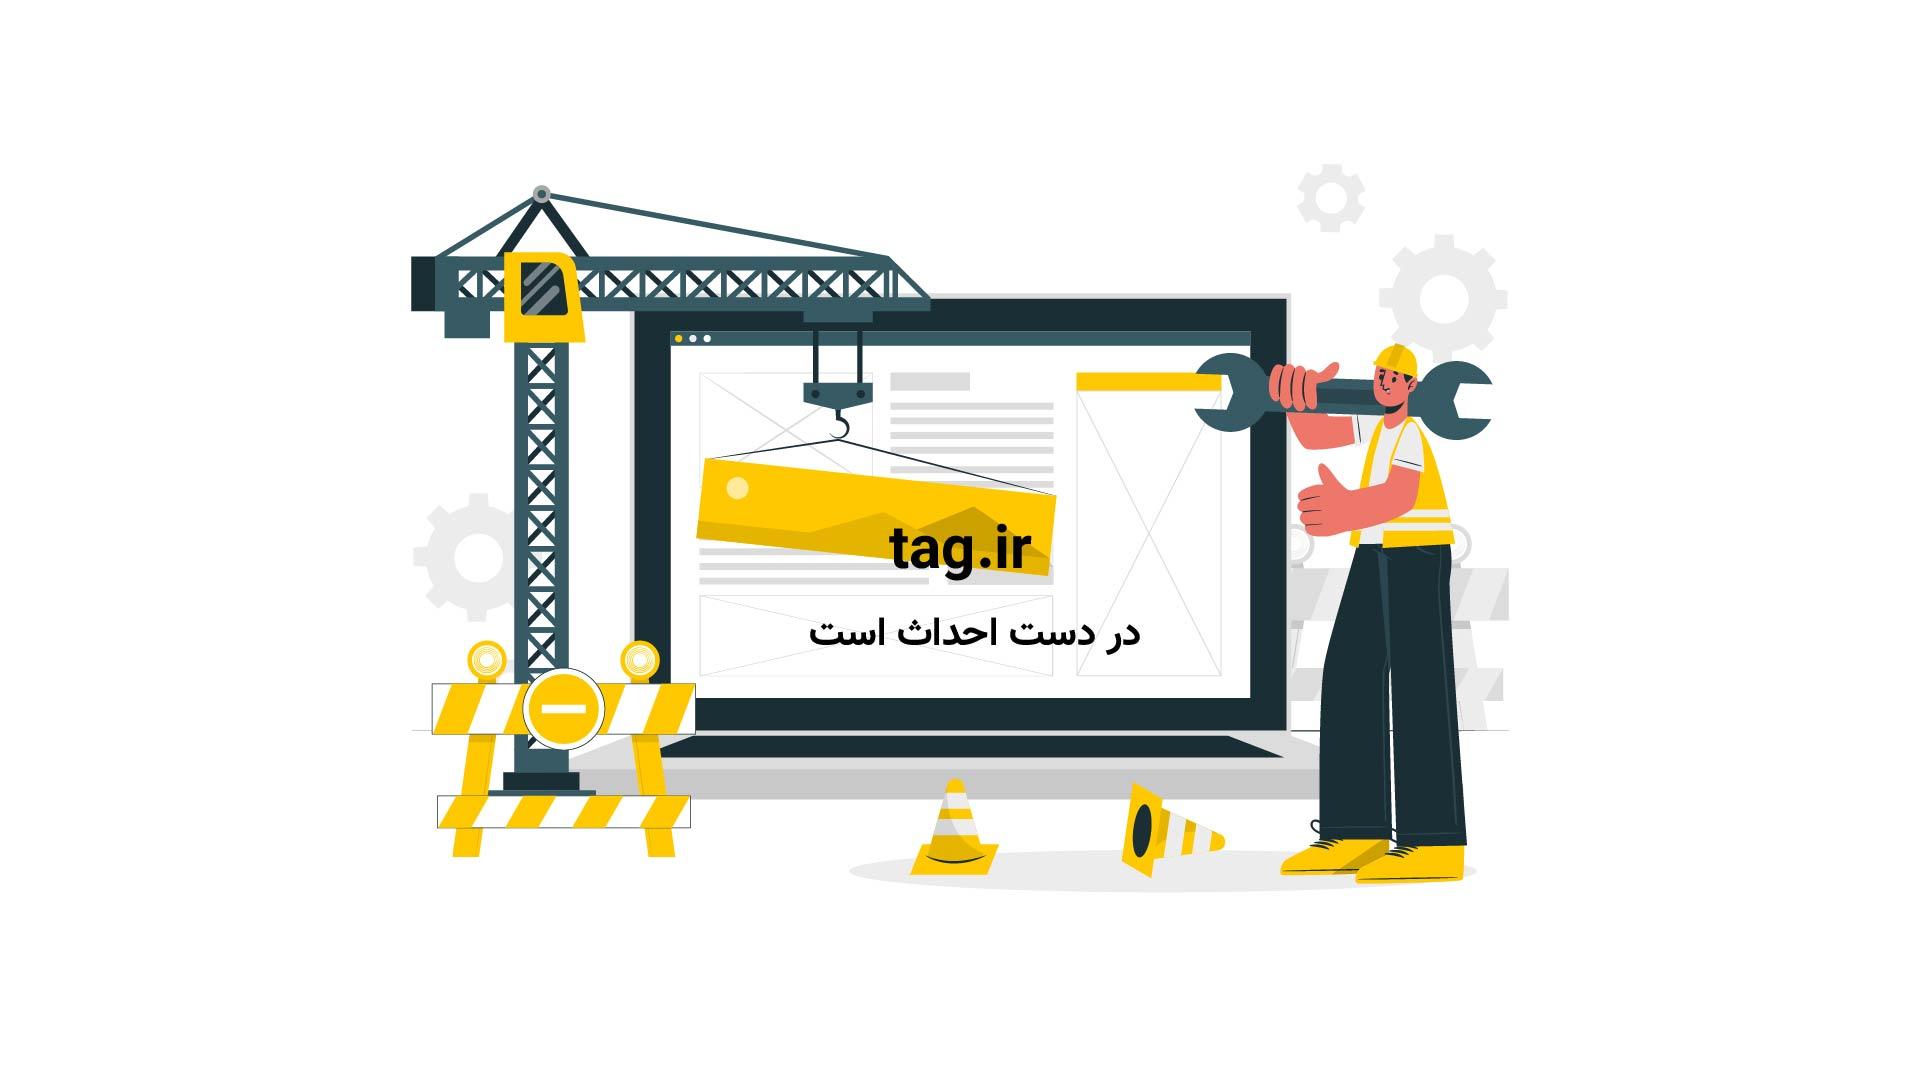 بستنی رنگارنگ